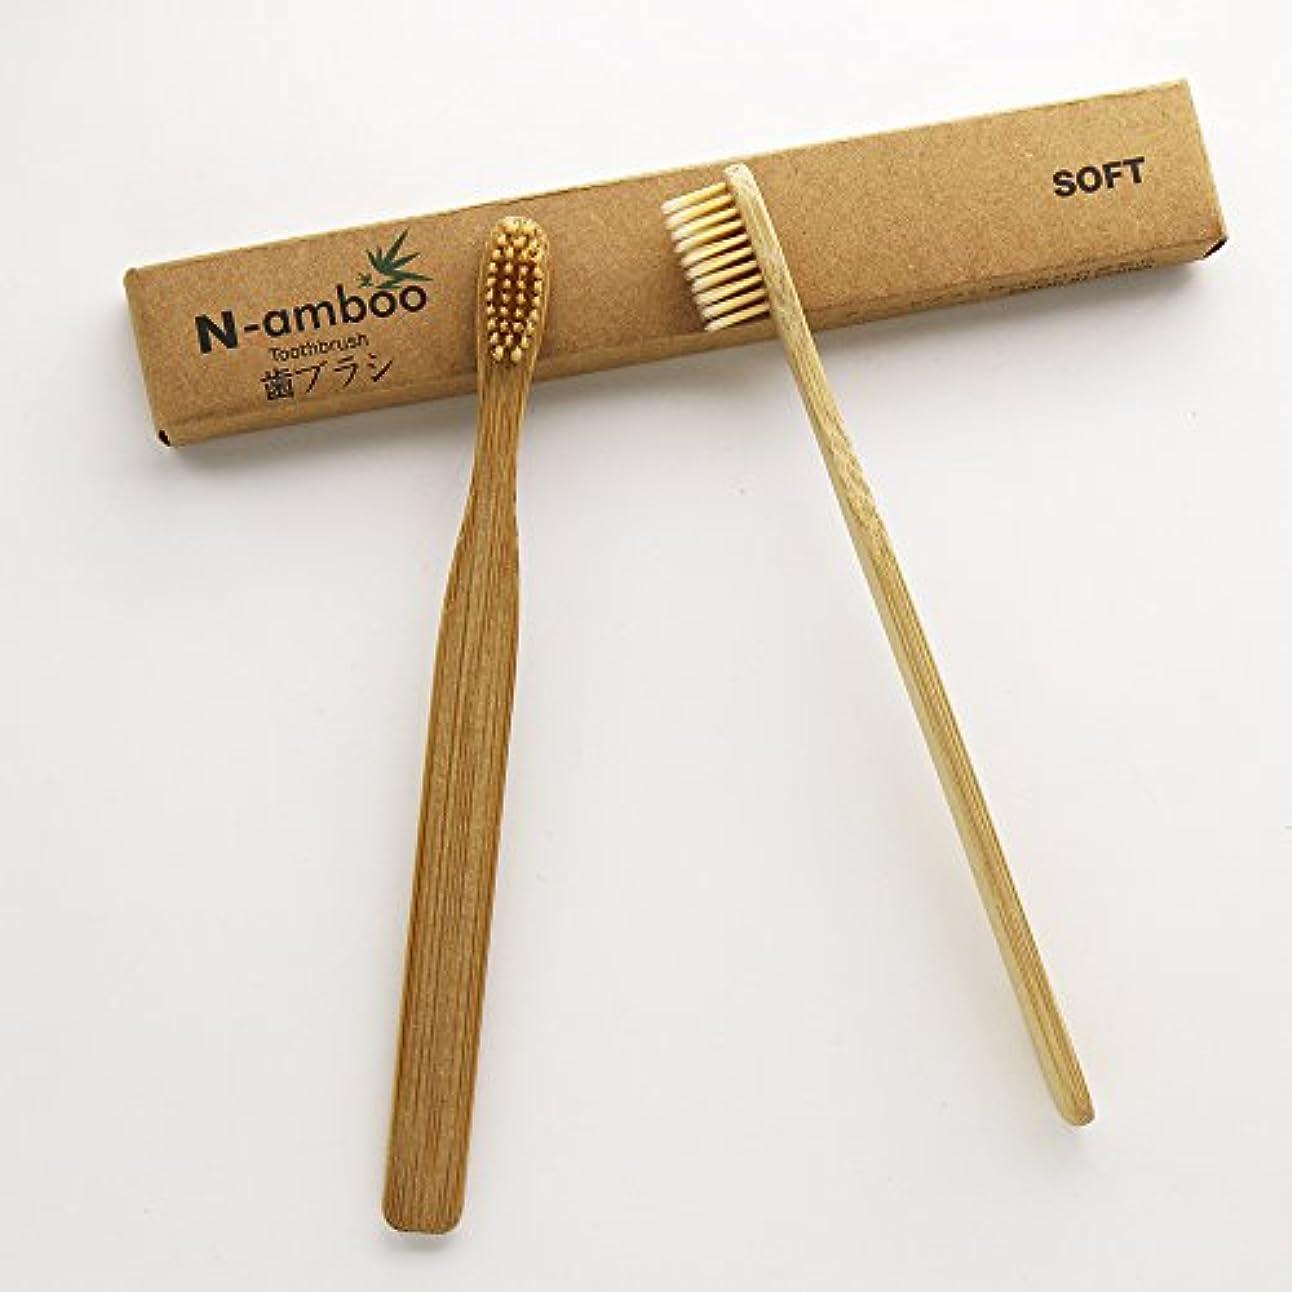 バインド今後スキップN-amboo 竹製 歯ブラシ 高耐久性 セット エコ ハンドル大きめ ベージュ (2本)